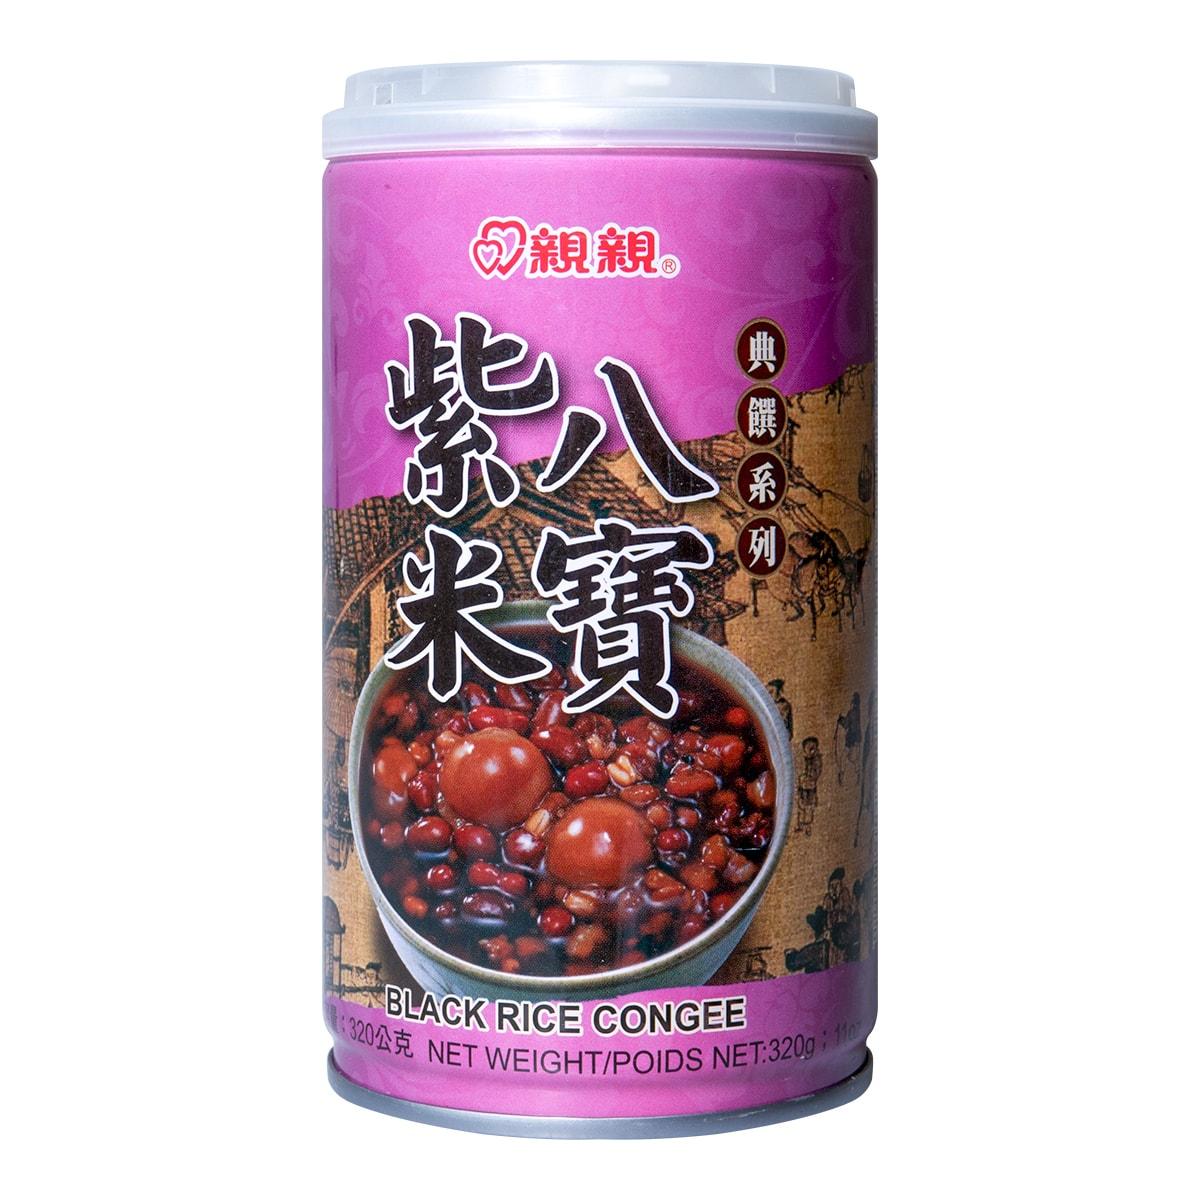 台湾亲亲 典选系列 紫米八宝粥 320g